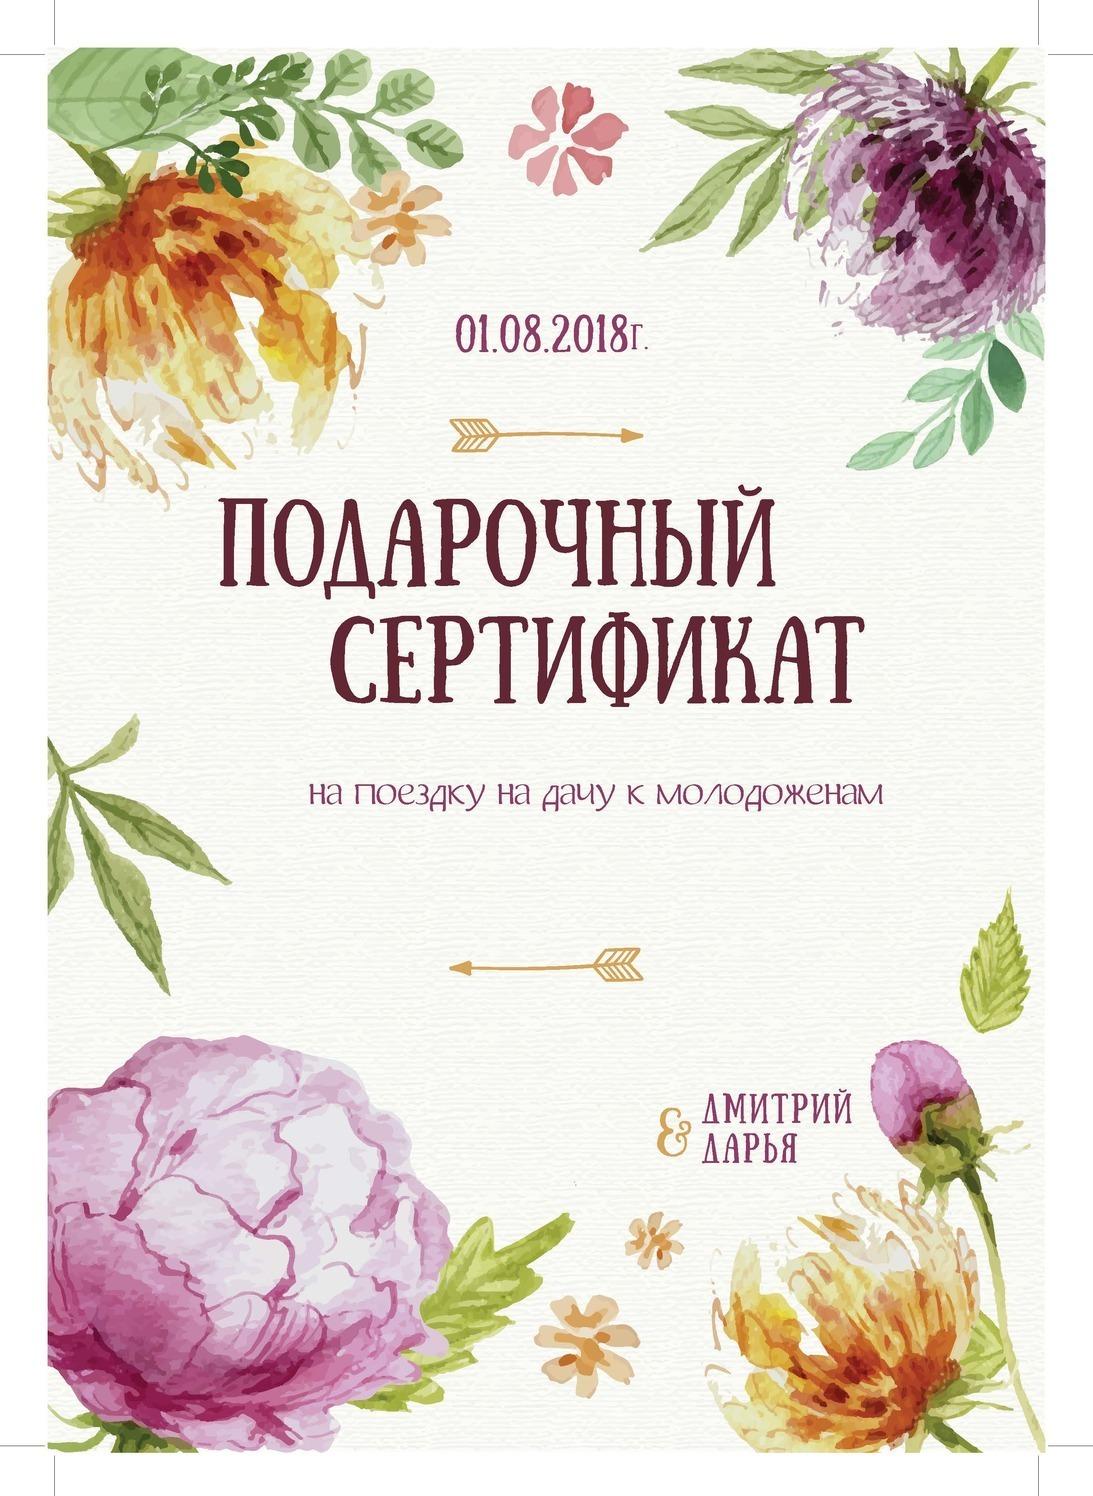 Открытки, открытки свадебные сертификаты для гостей